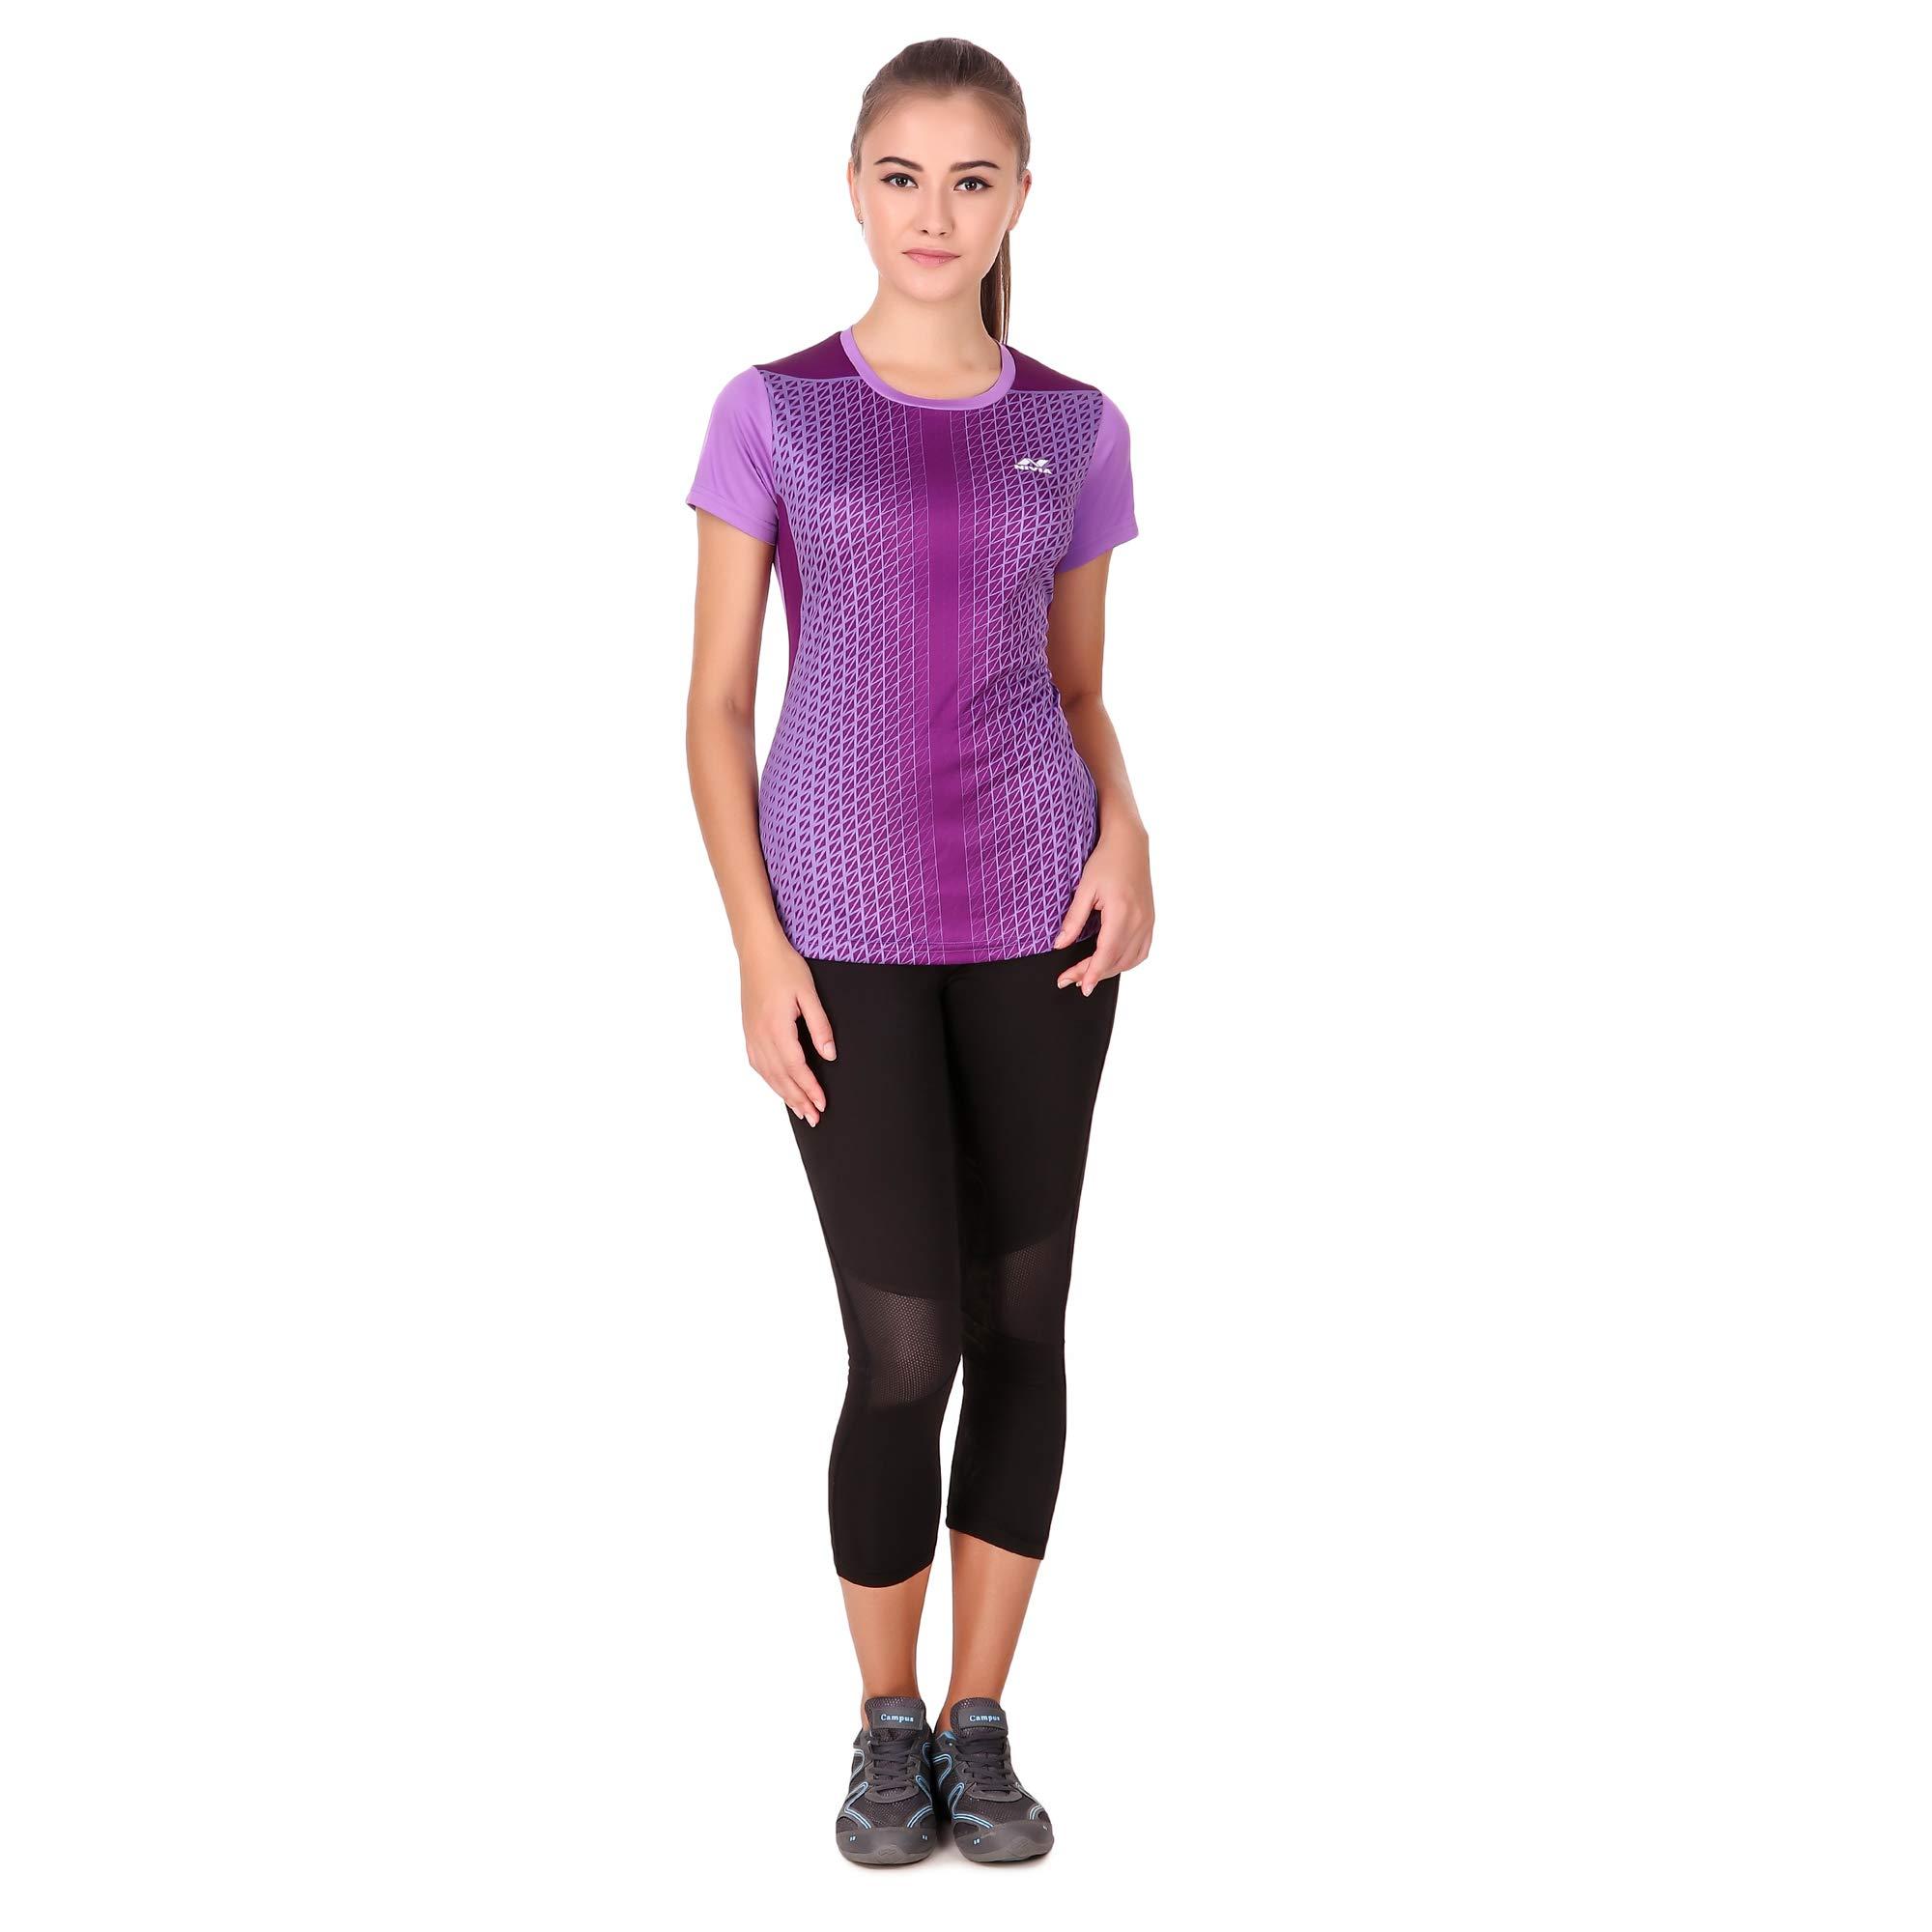 NIVIA City Round Female T-Shirt SB-2 product image